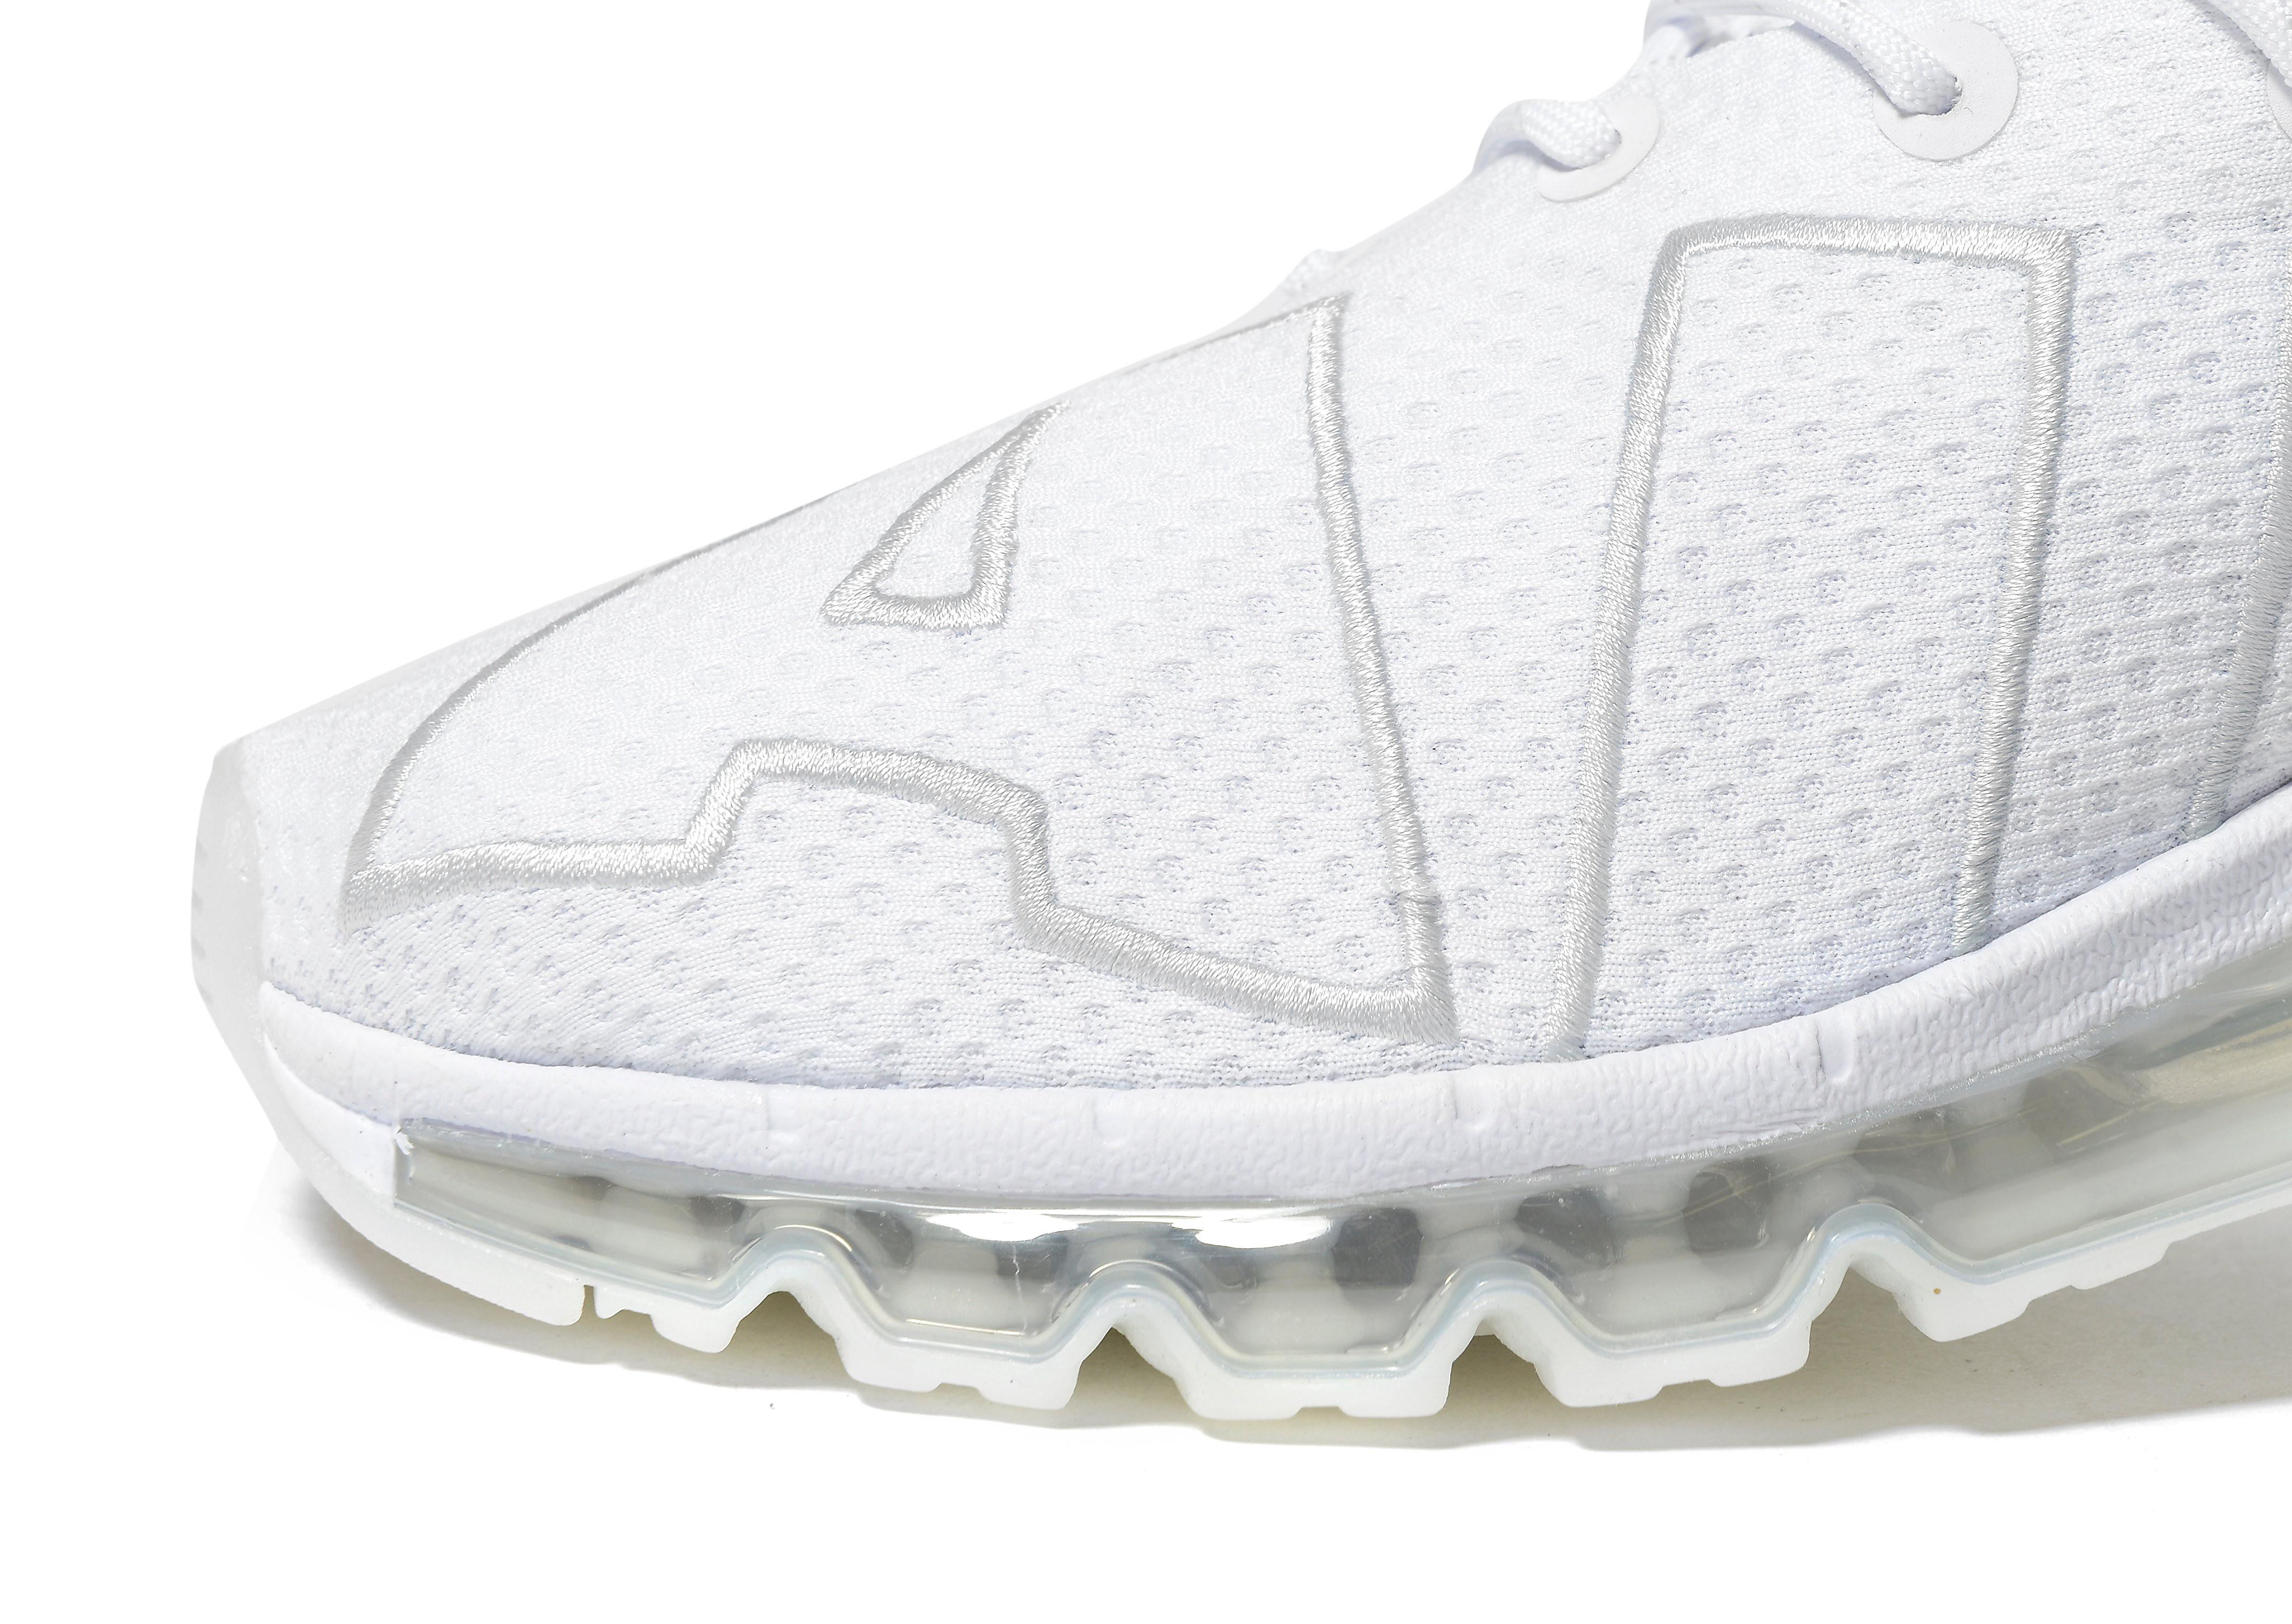 Nike Air Max Flair